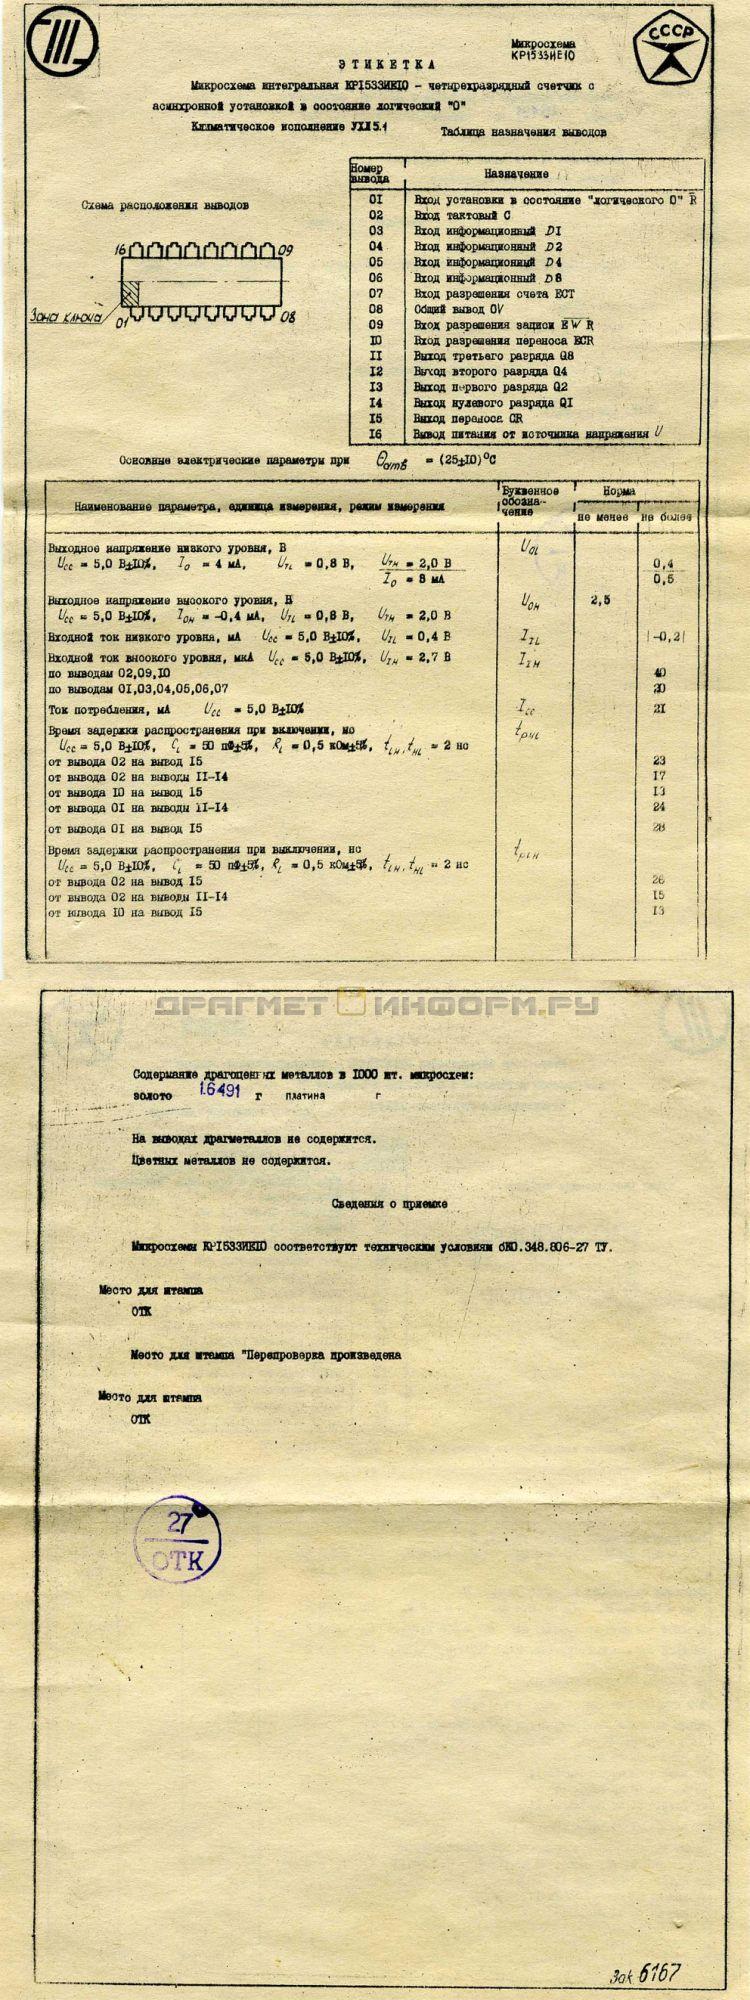 Формуляр КР1533ИЕ10